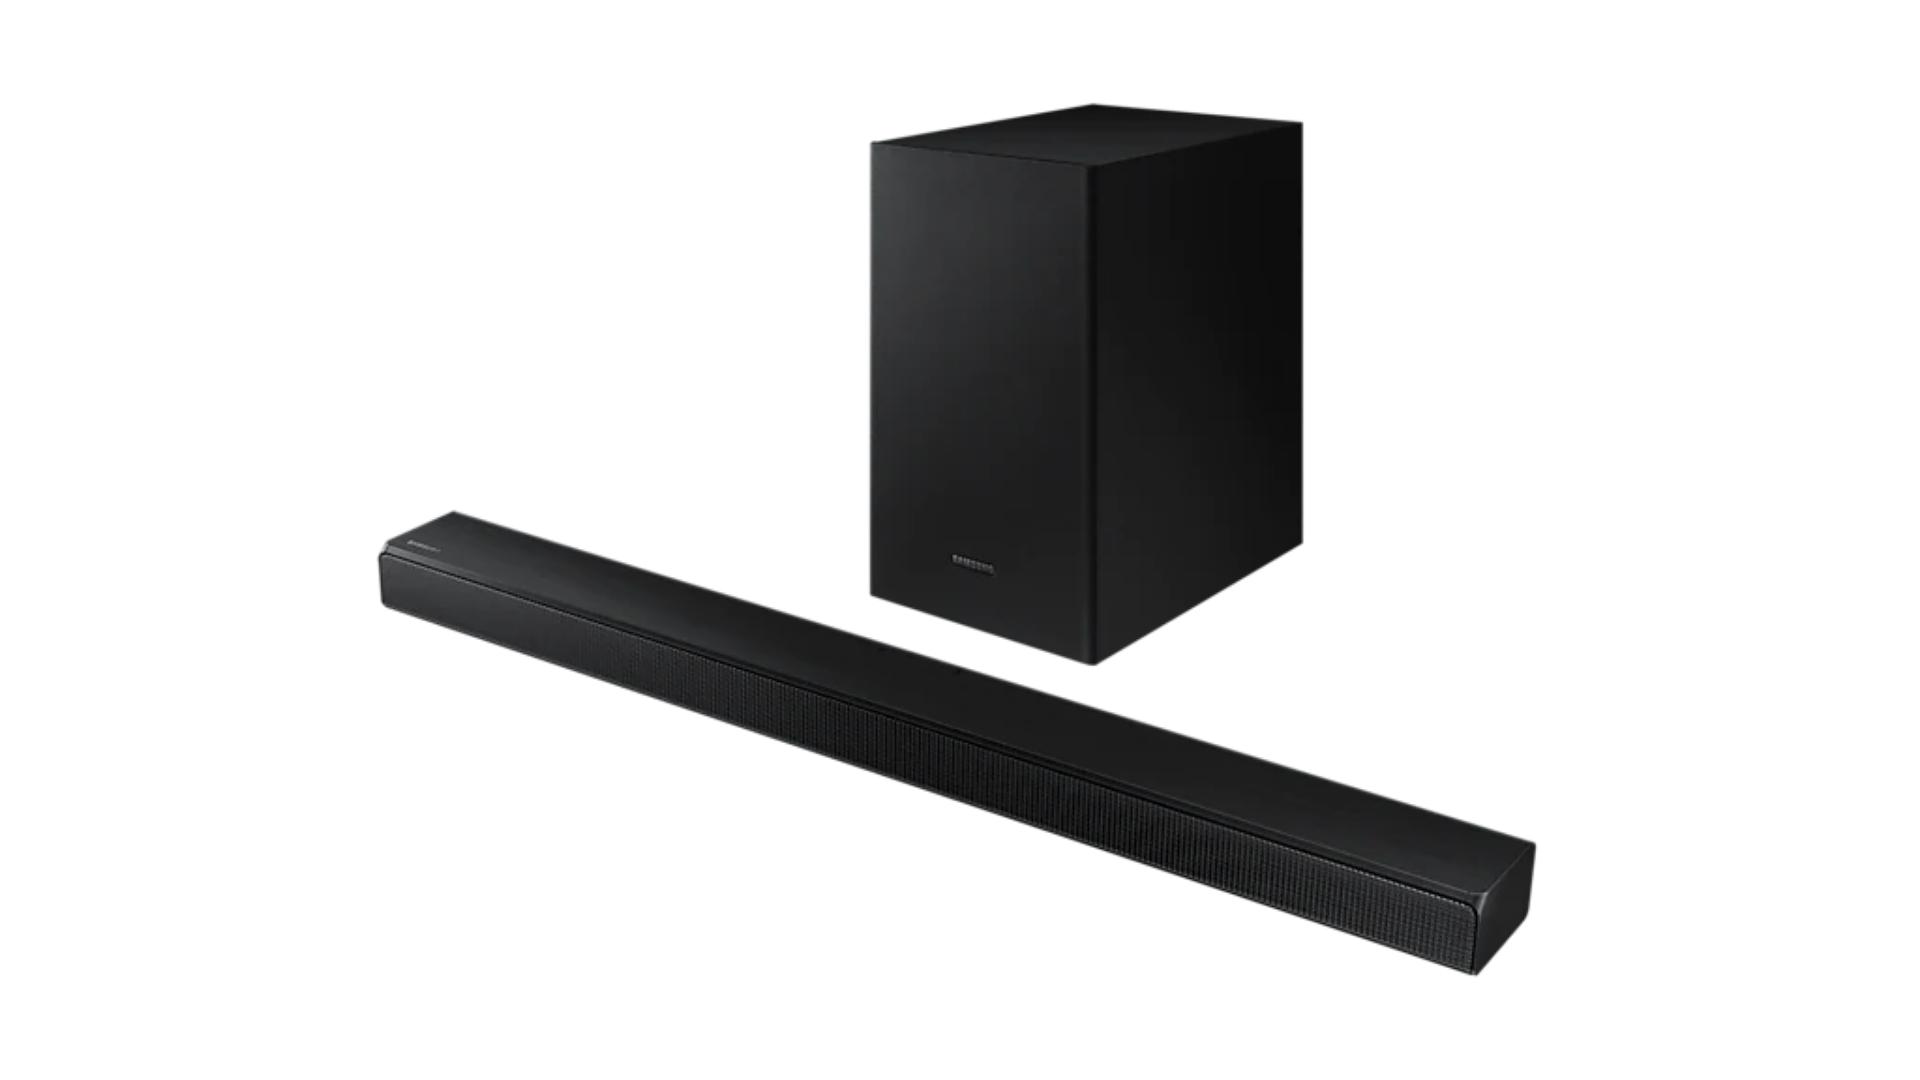 A soundbar Samsung T555 conta com design simples ocupando pouco espaço! (Imagem: Divulgação/Samsung)